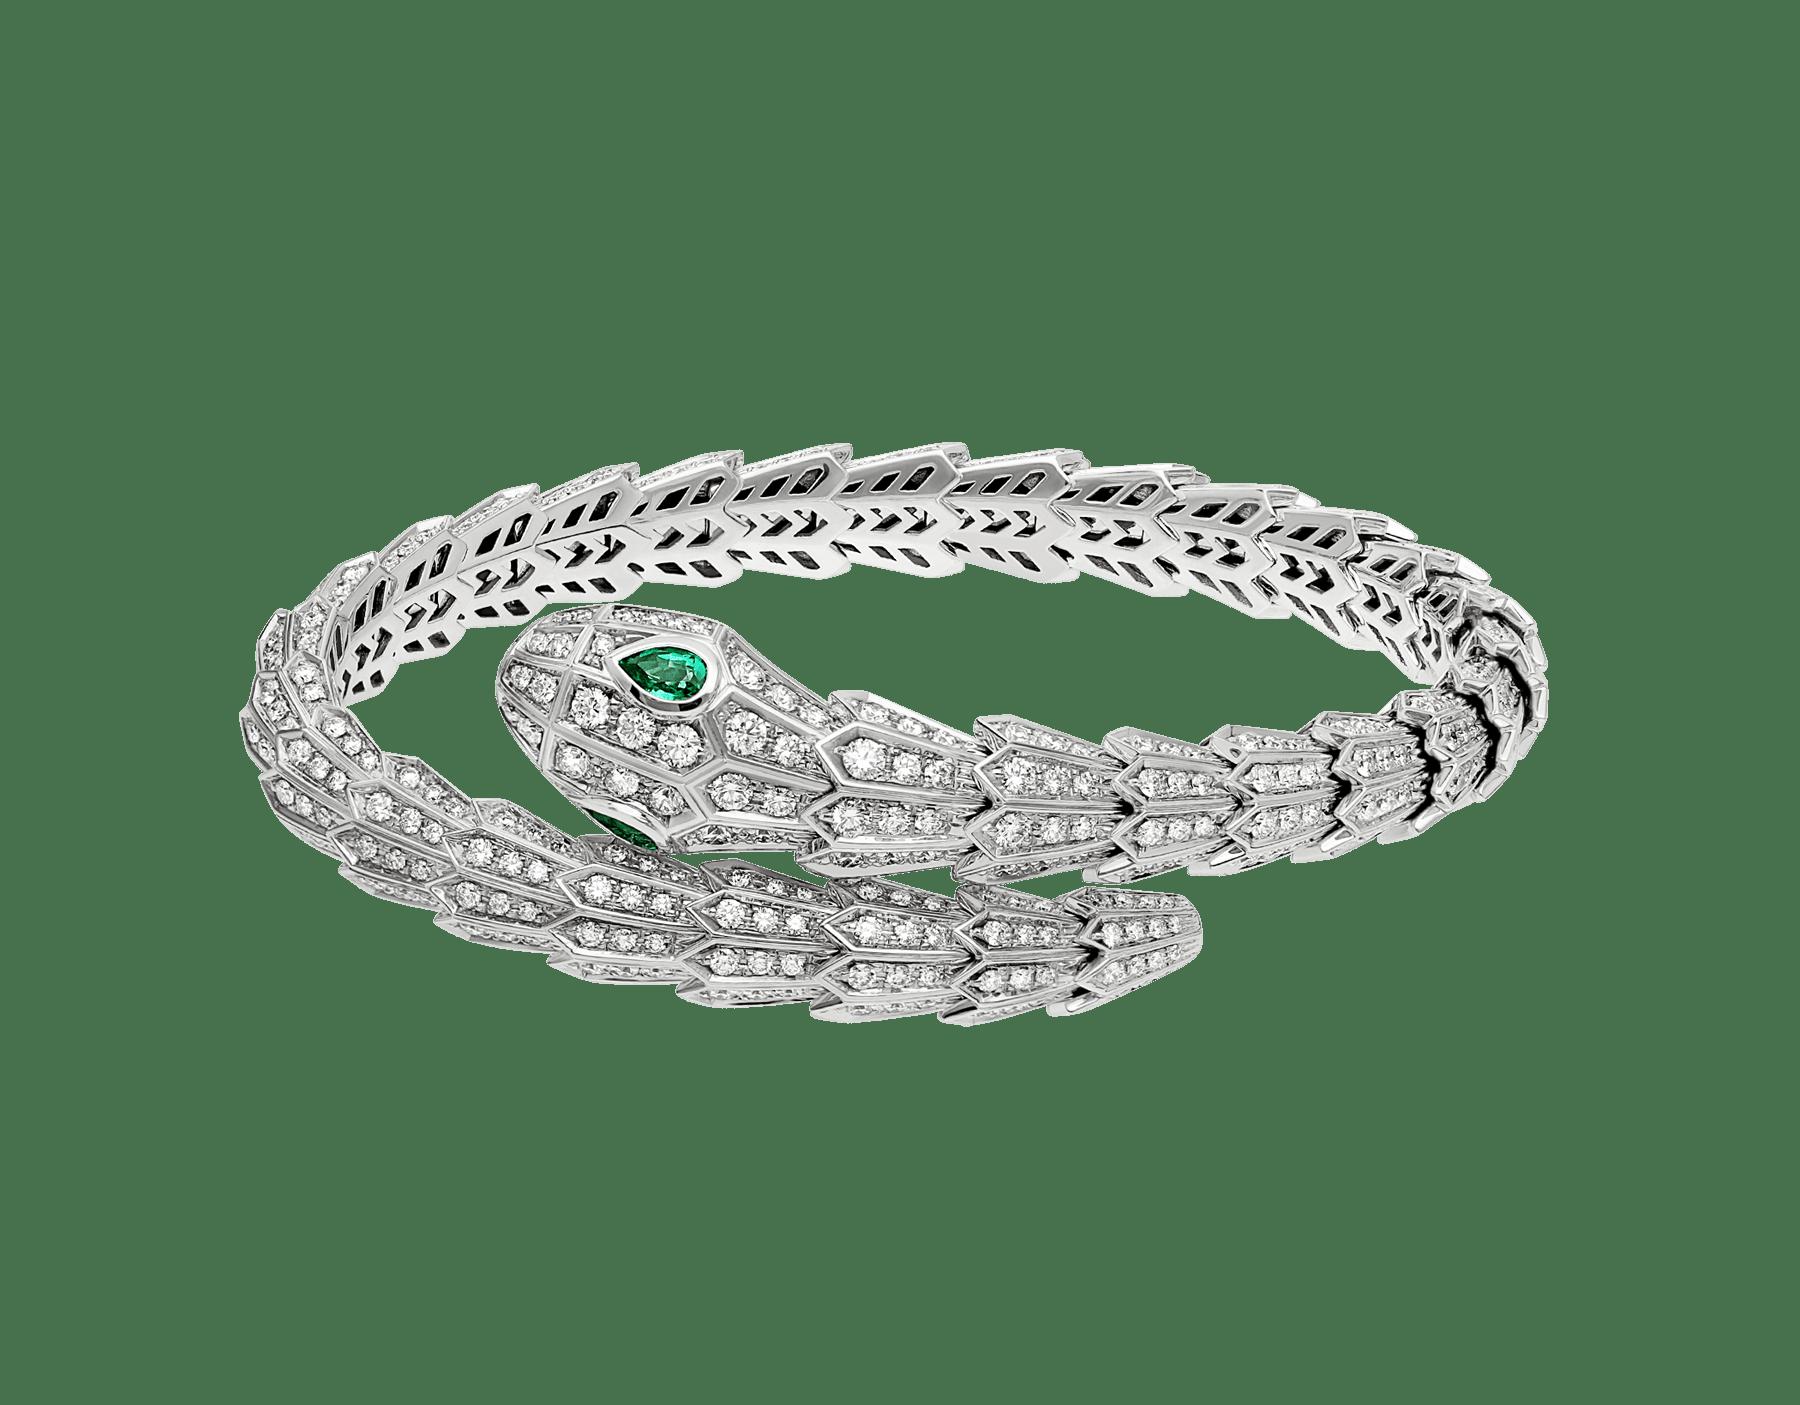 Serpenti Armband aus 18 Karat Weißgold mit Diamant-Pavé und zwei Augen aus Smaragden BR858734 image 3